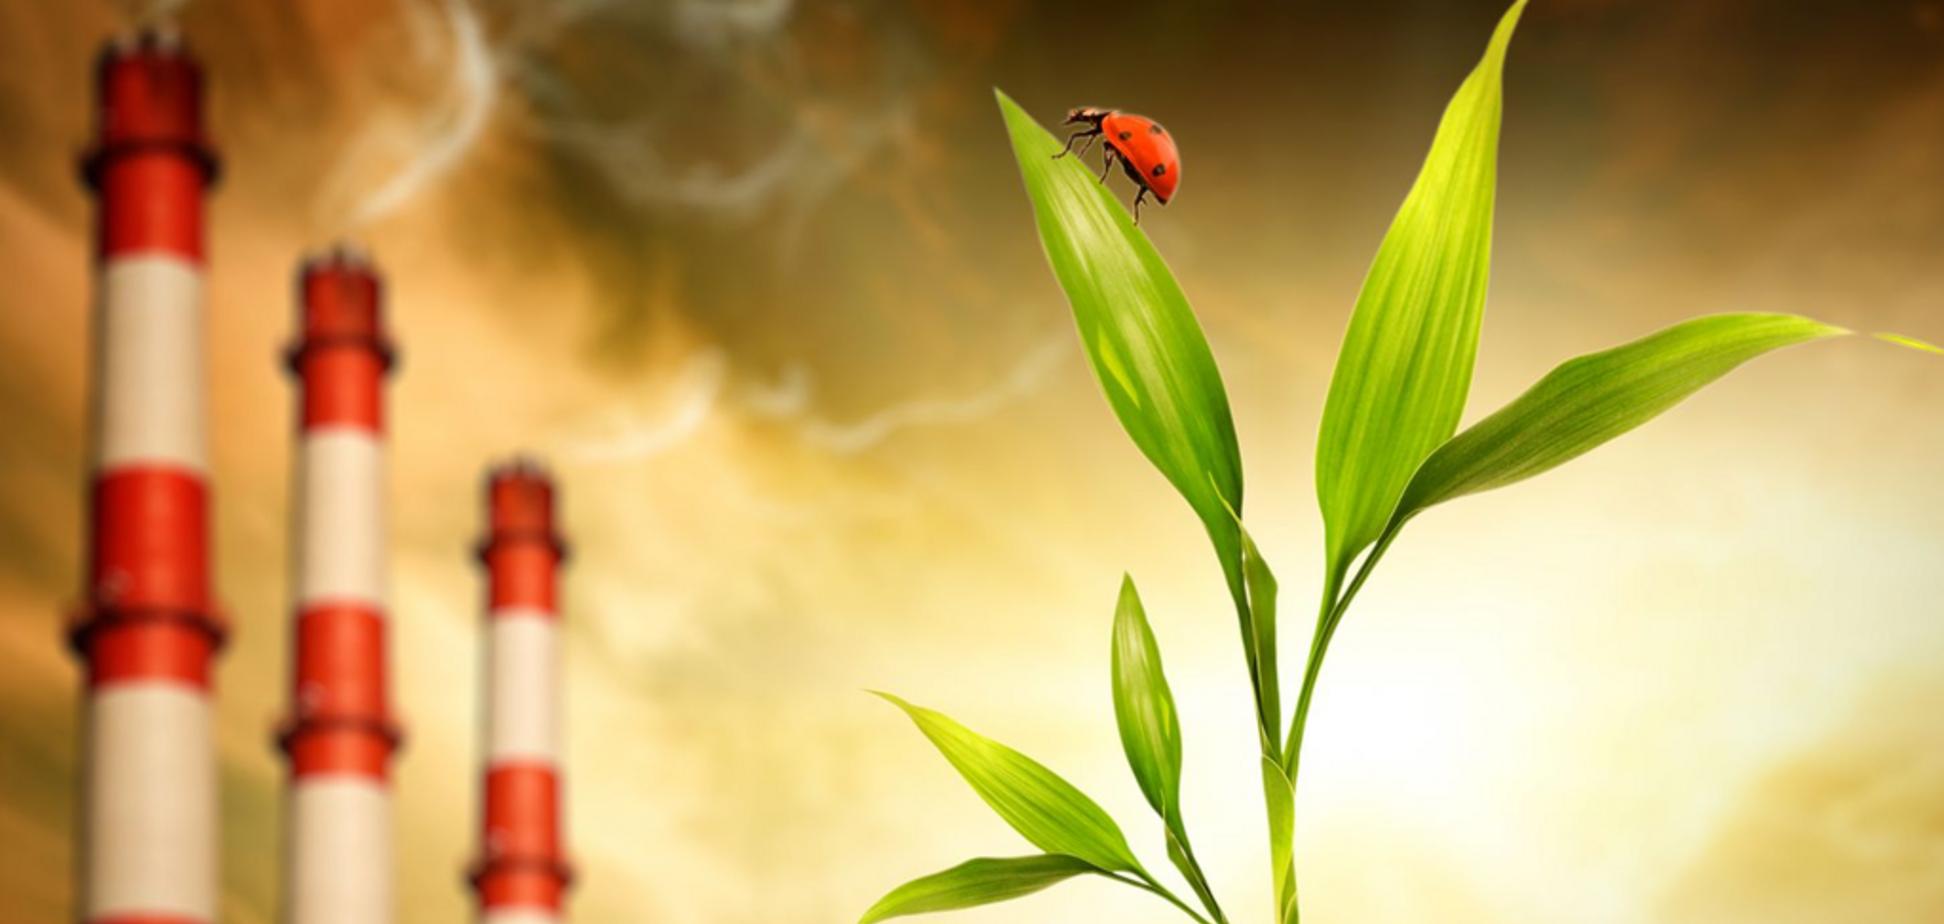 Экологию используют с целью шантажа бизнеса - эксперт